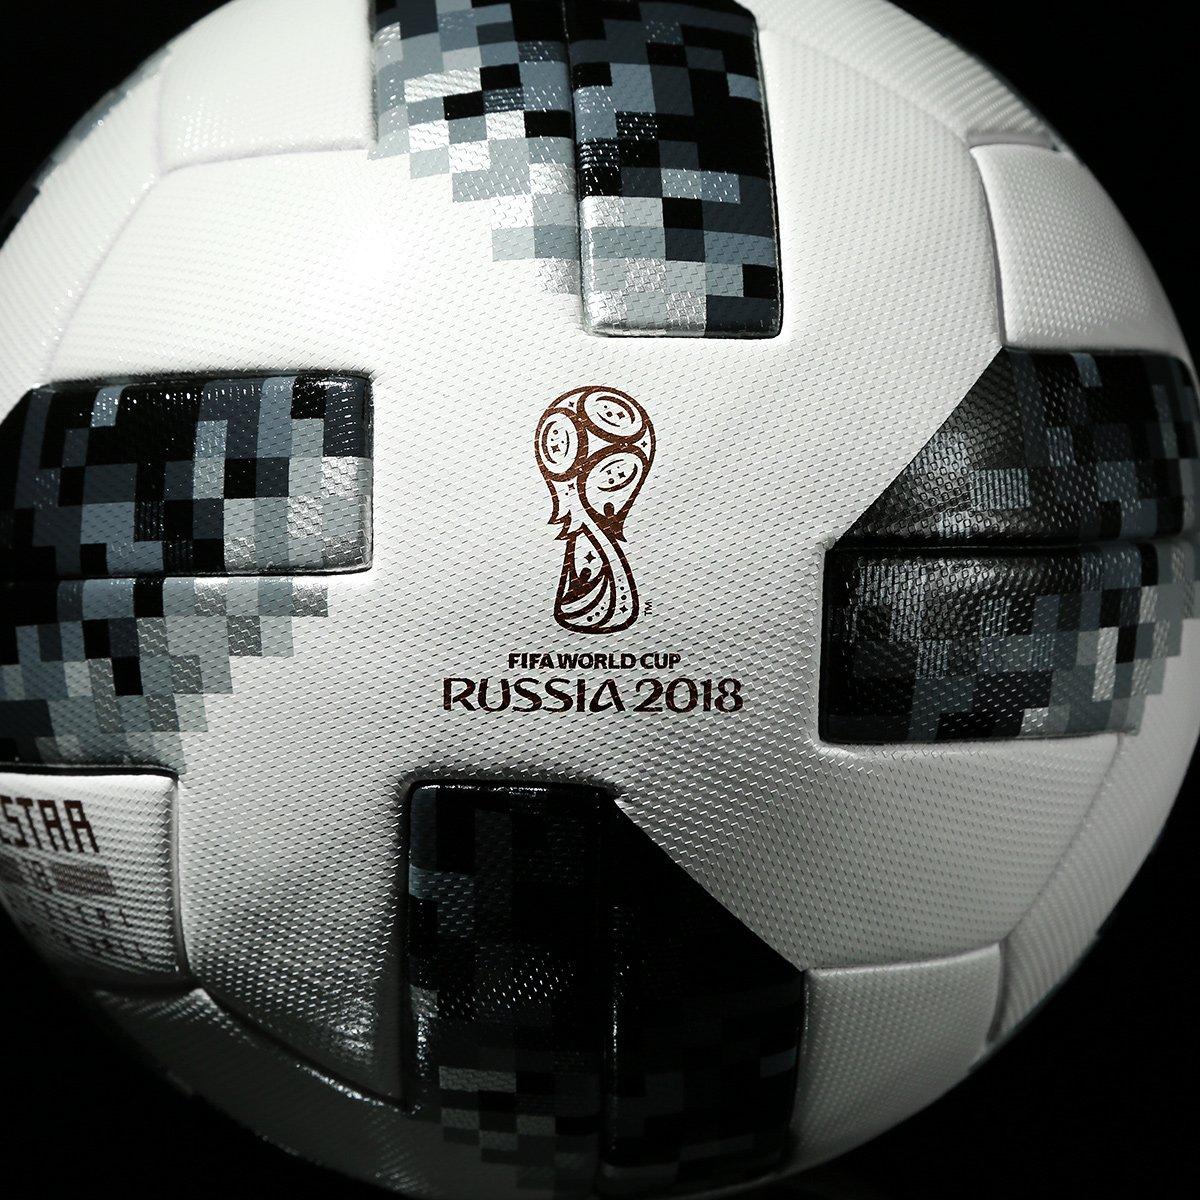 3fb953c93 Bola Futebol Campo Adidas Telstar 18 OMB Copa do Mundo FIFA